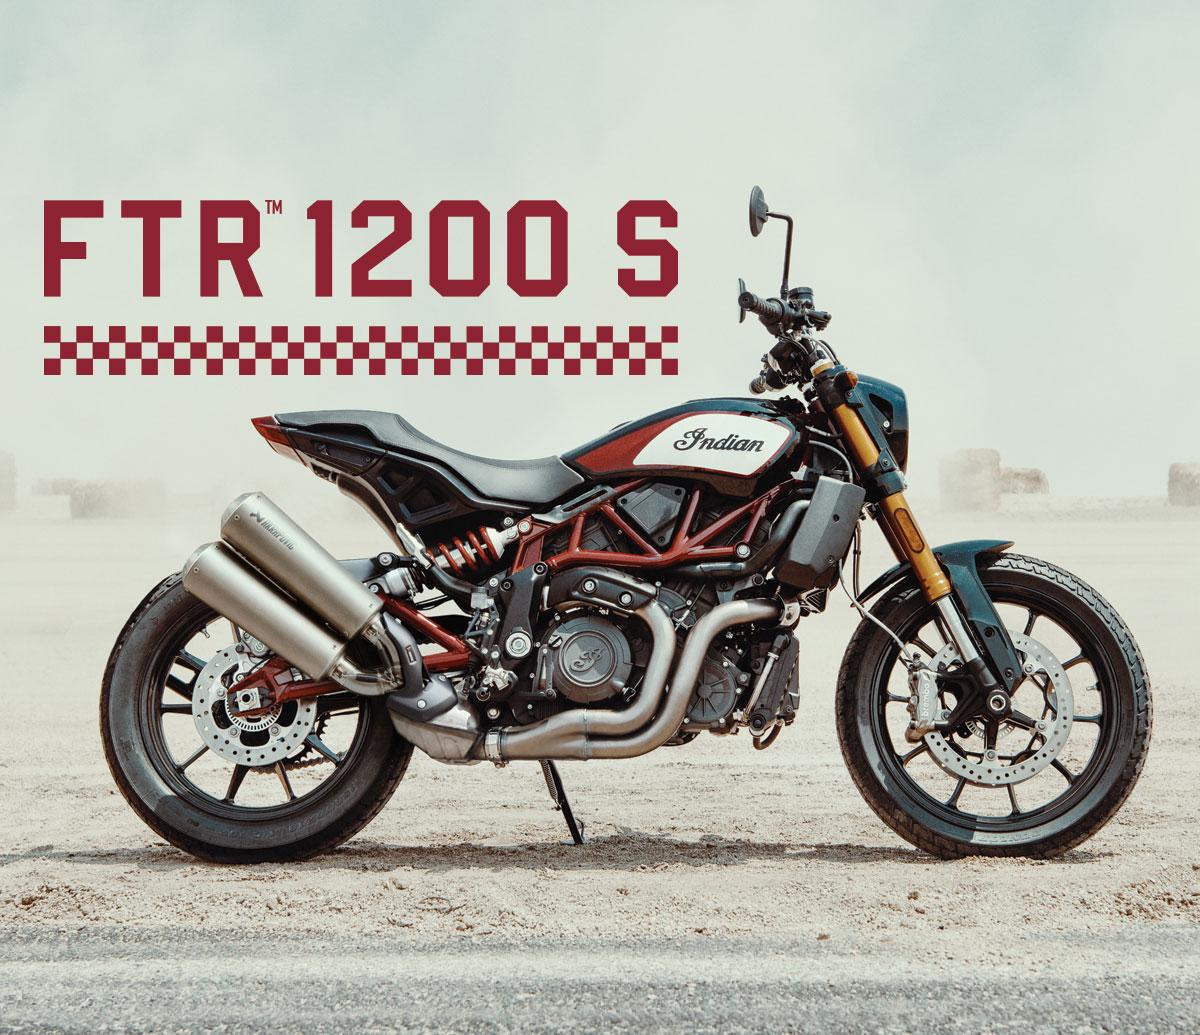 2019 Indian FTR1200S